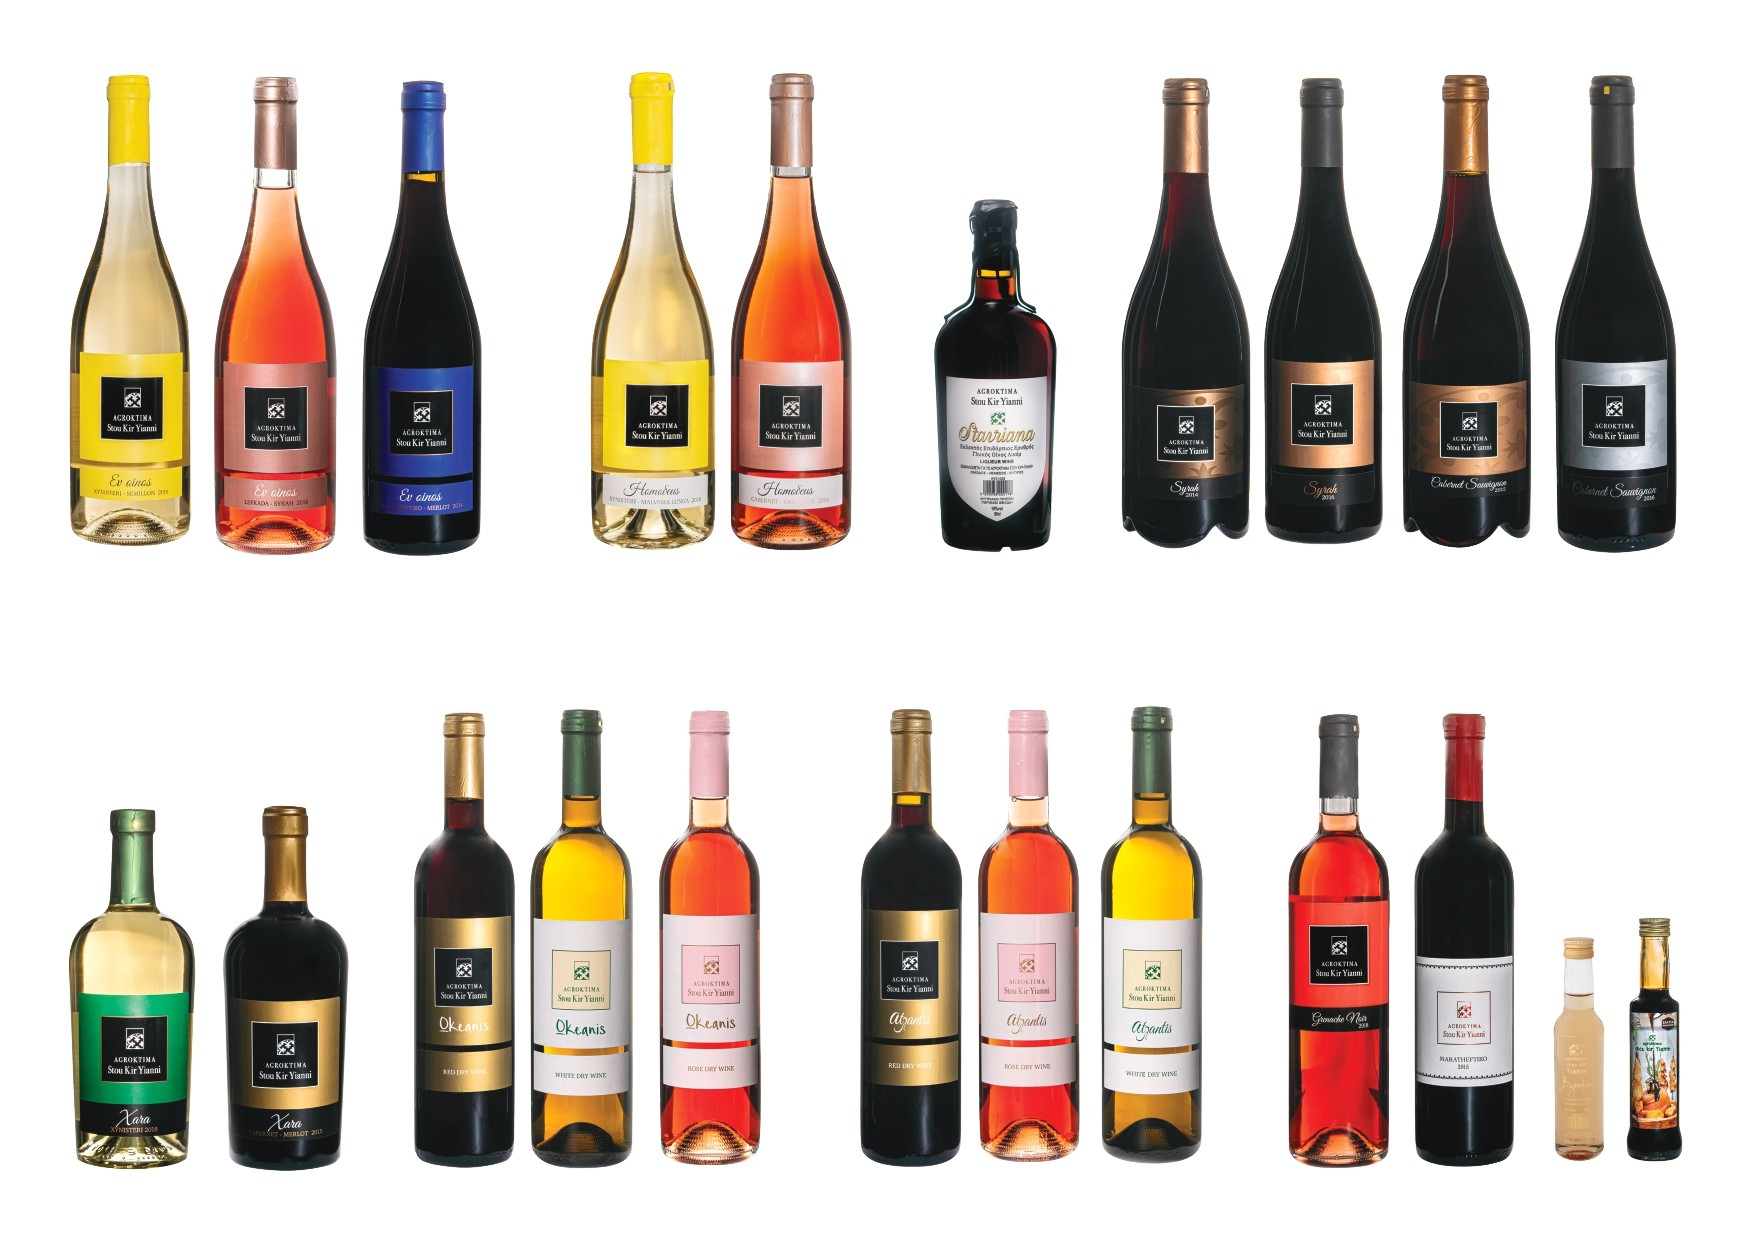 Αγοραστε κρασι απο την καβα μας